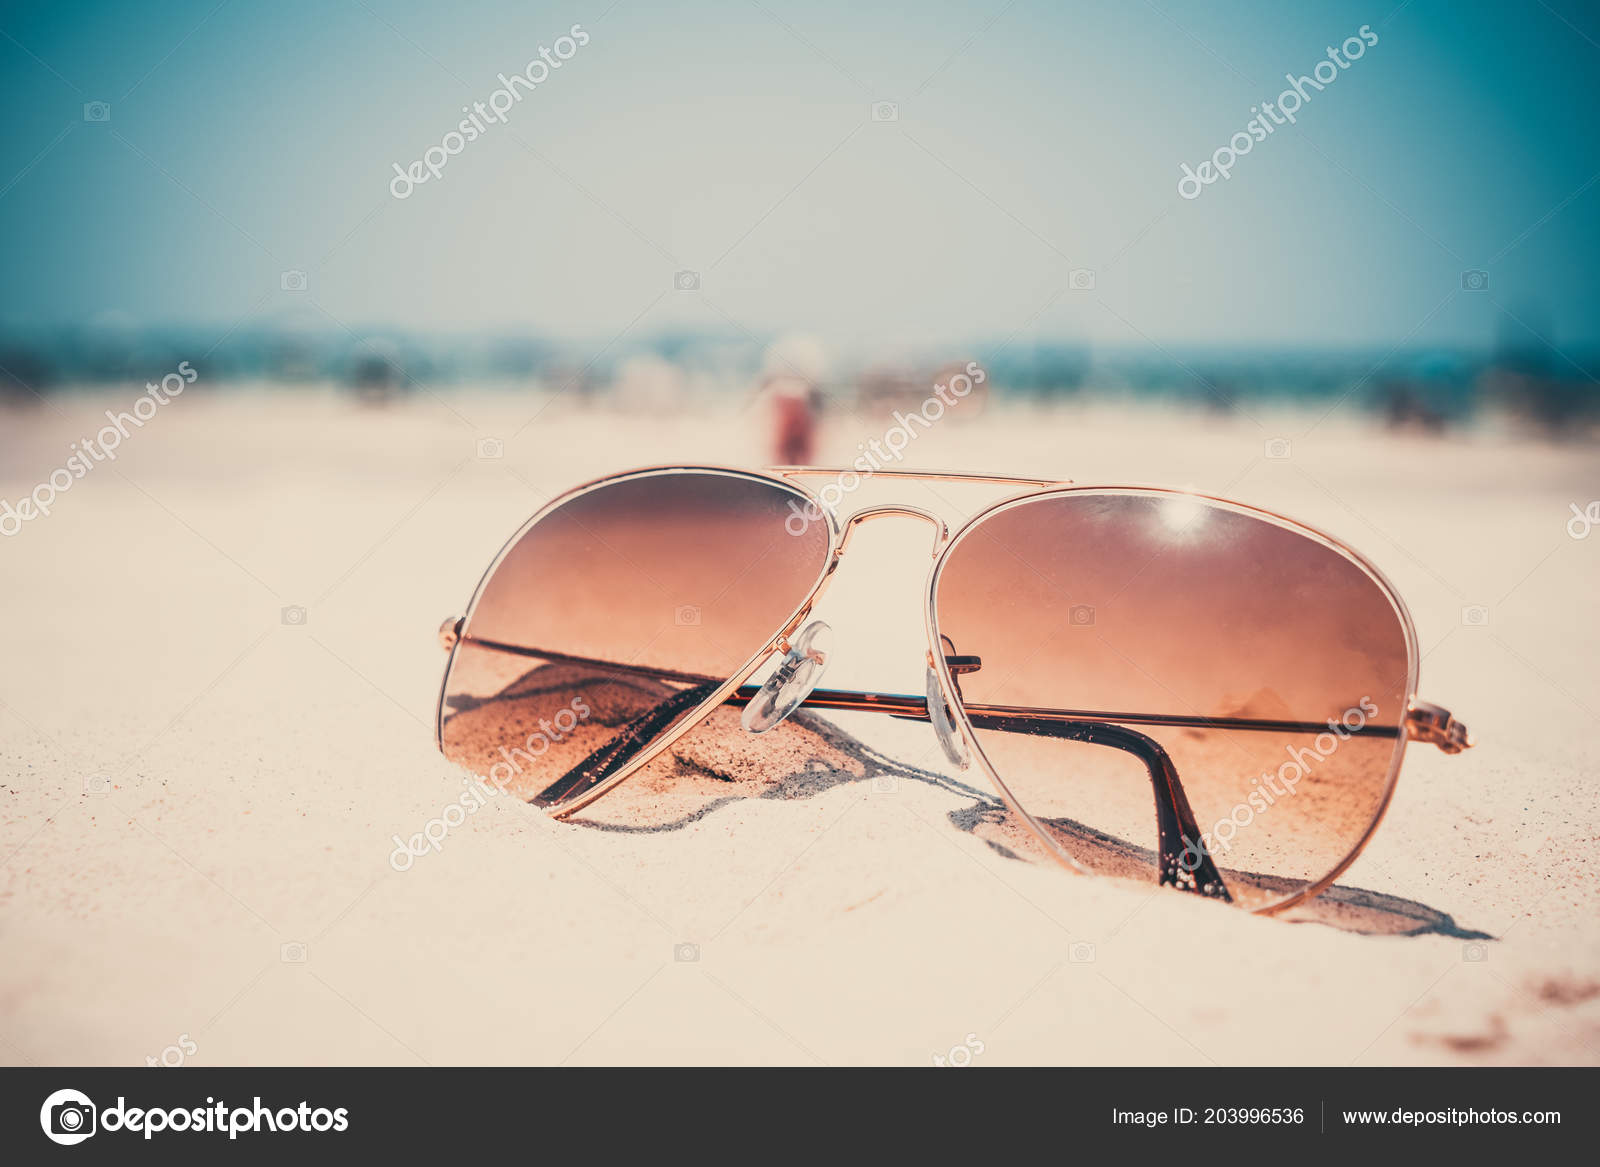 Época Nostalgia Efecto Foto Arena Filtro Playa Verano Gafas Sol EDIHY9W2